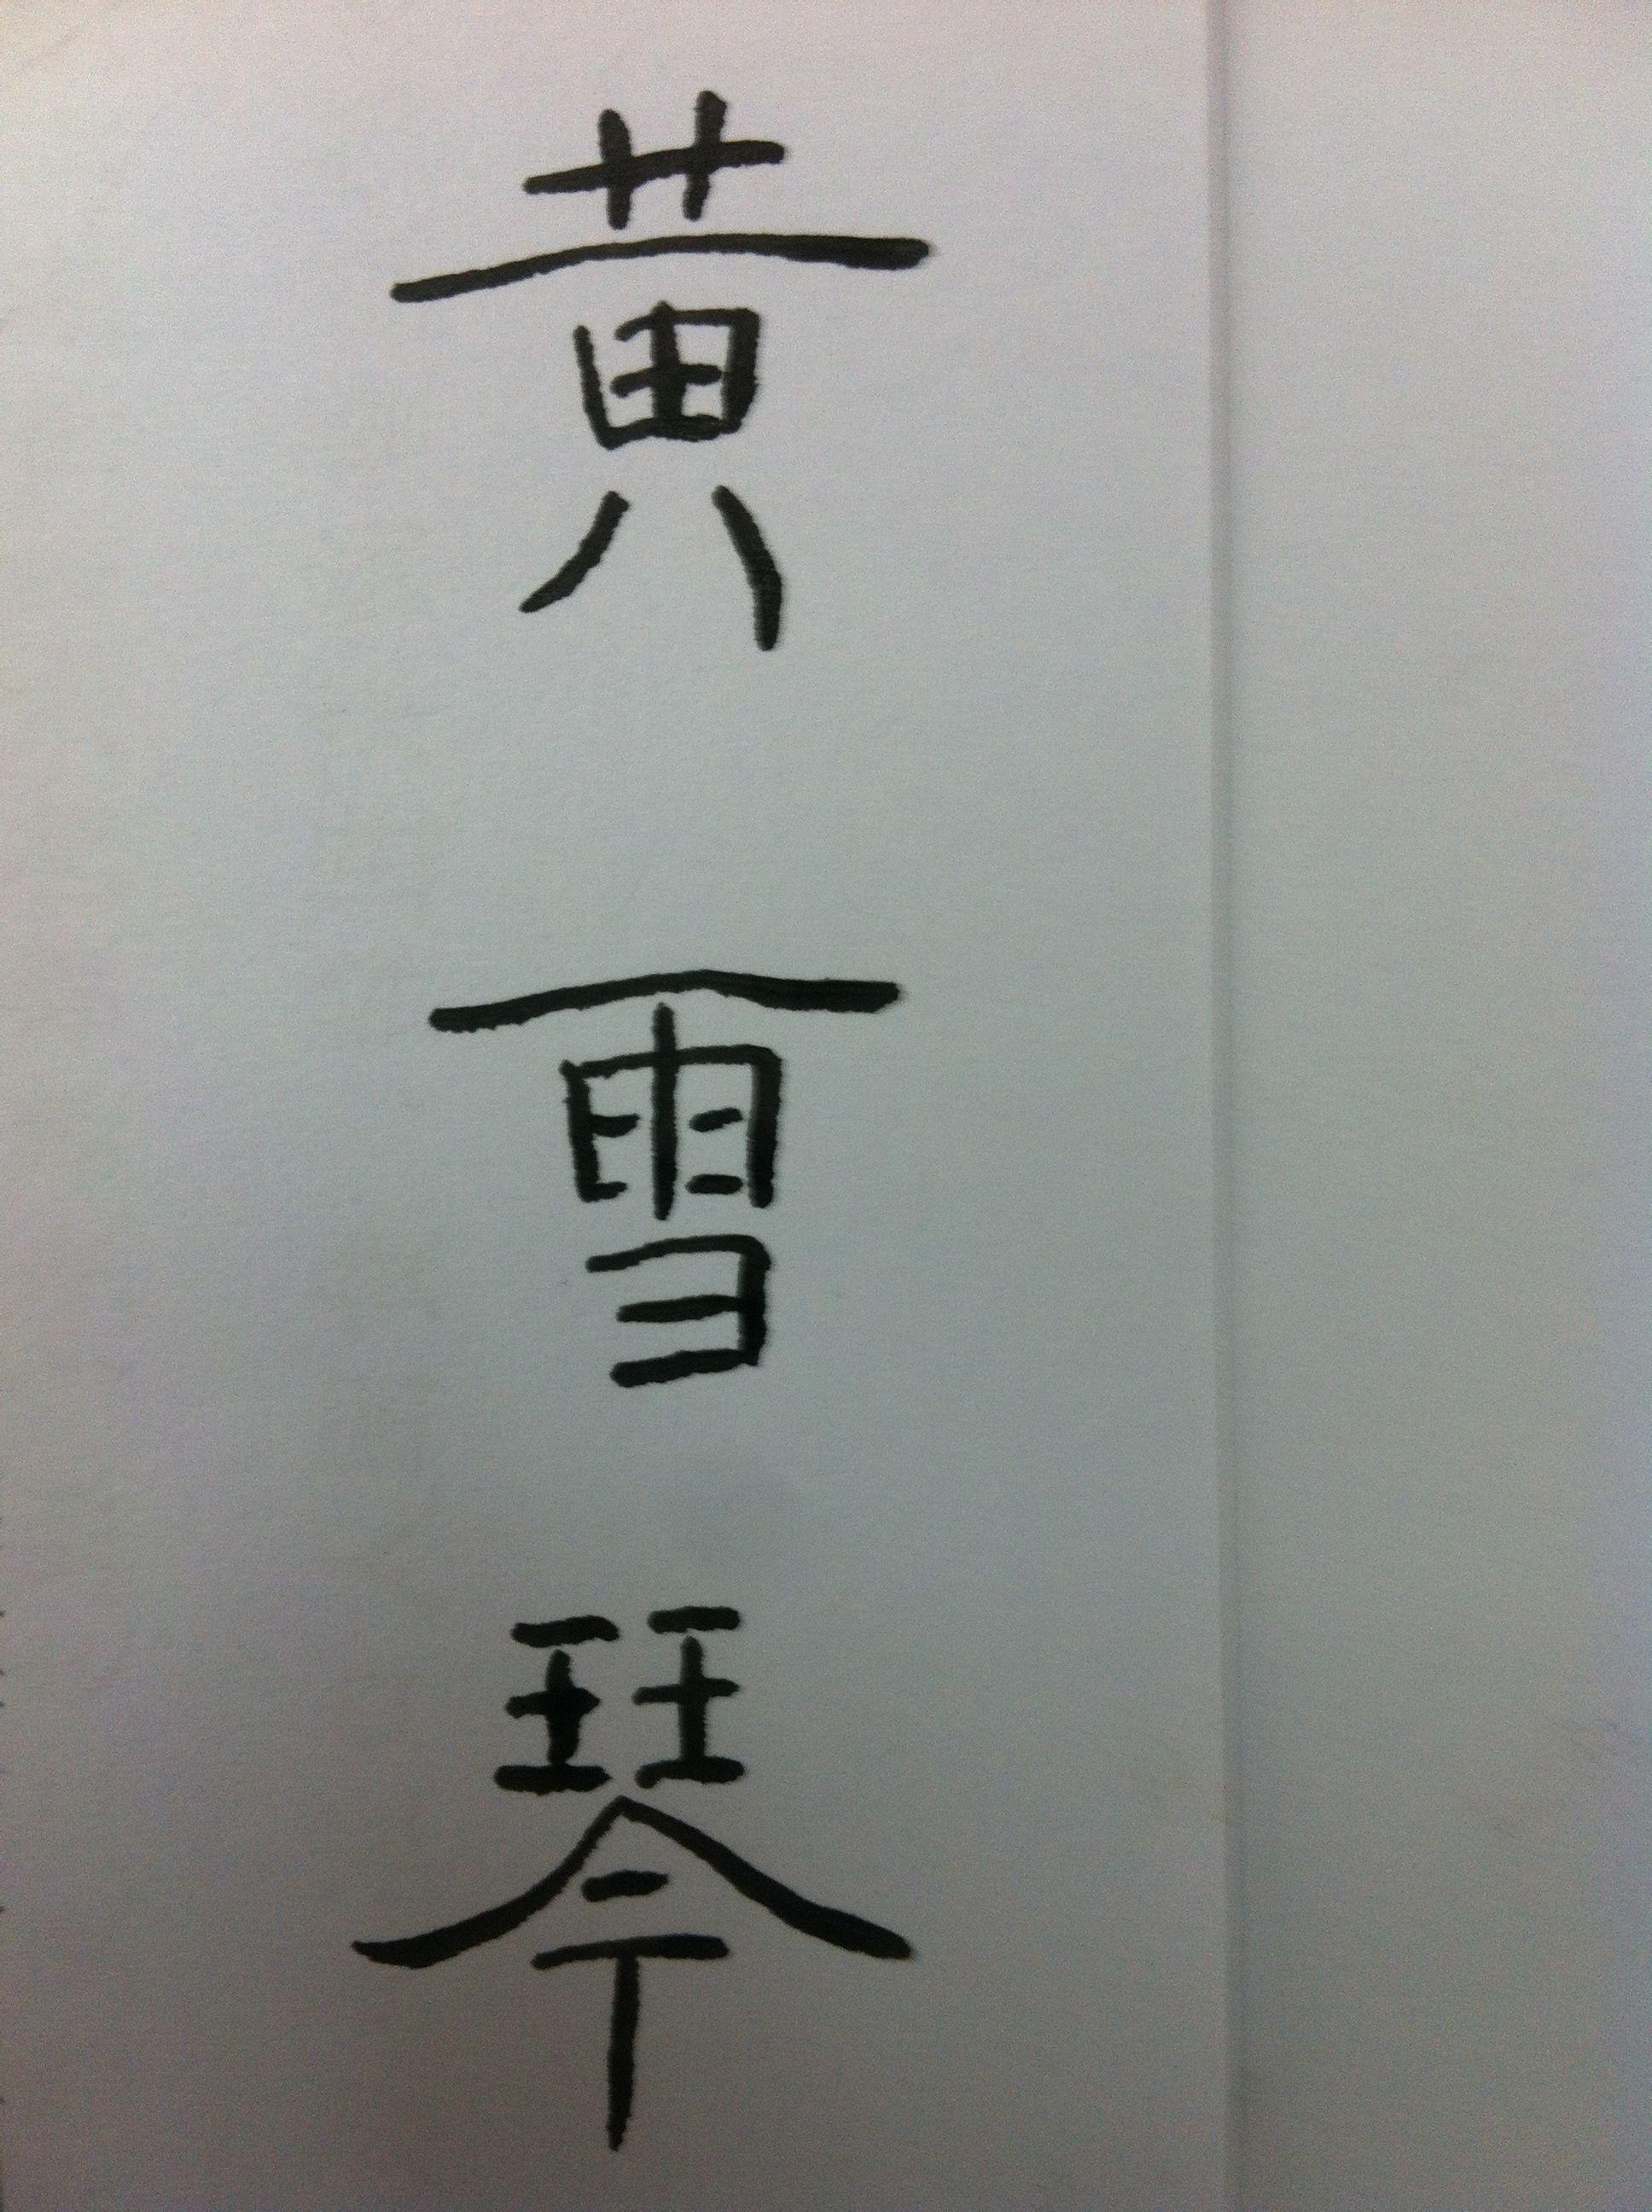 字的隶书写法告诉我图片